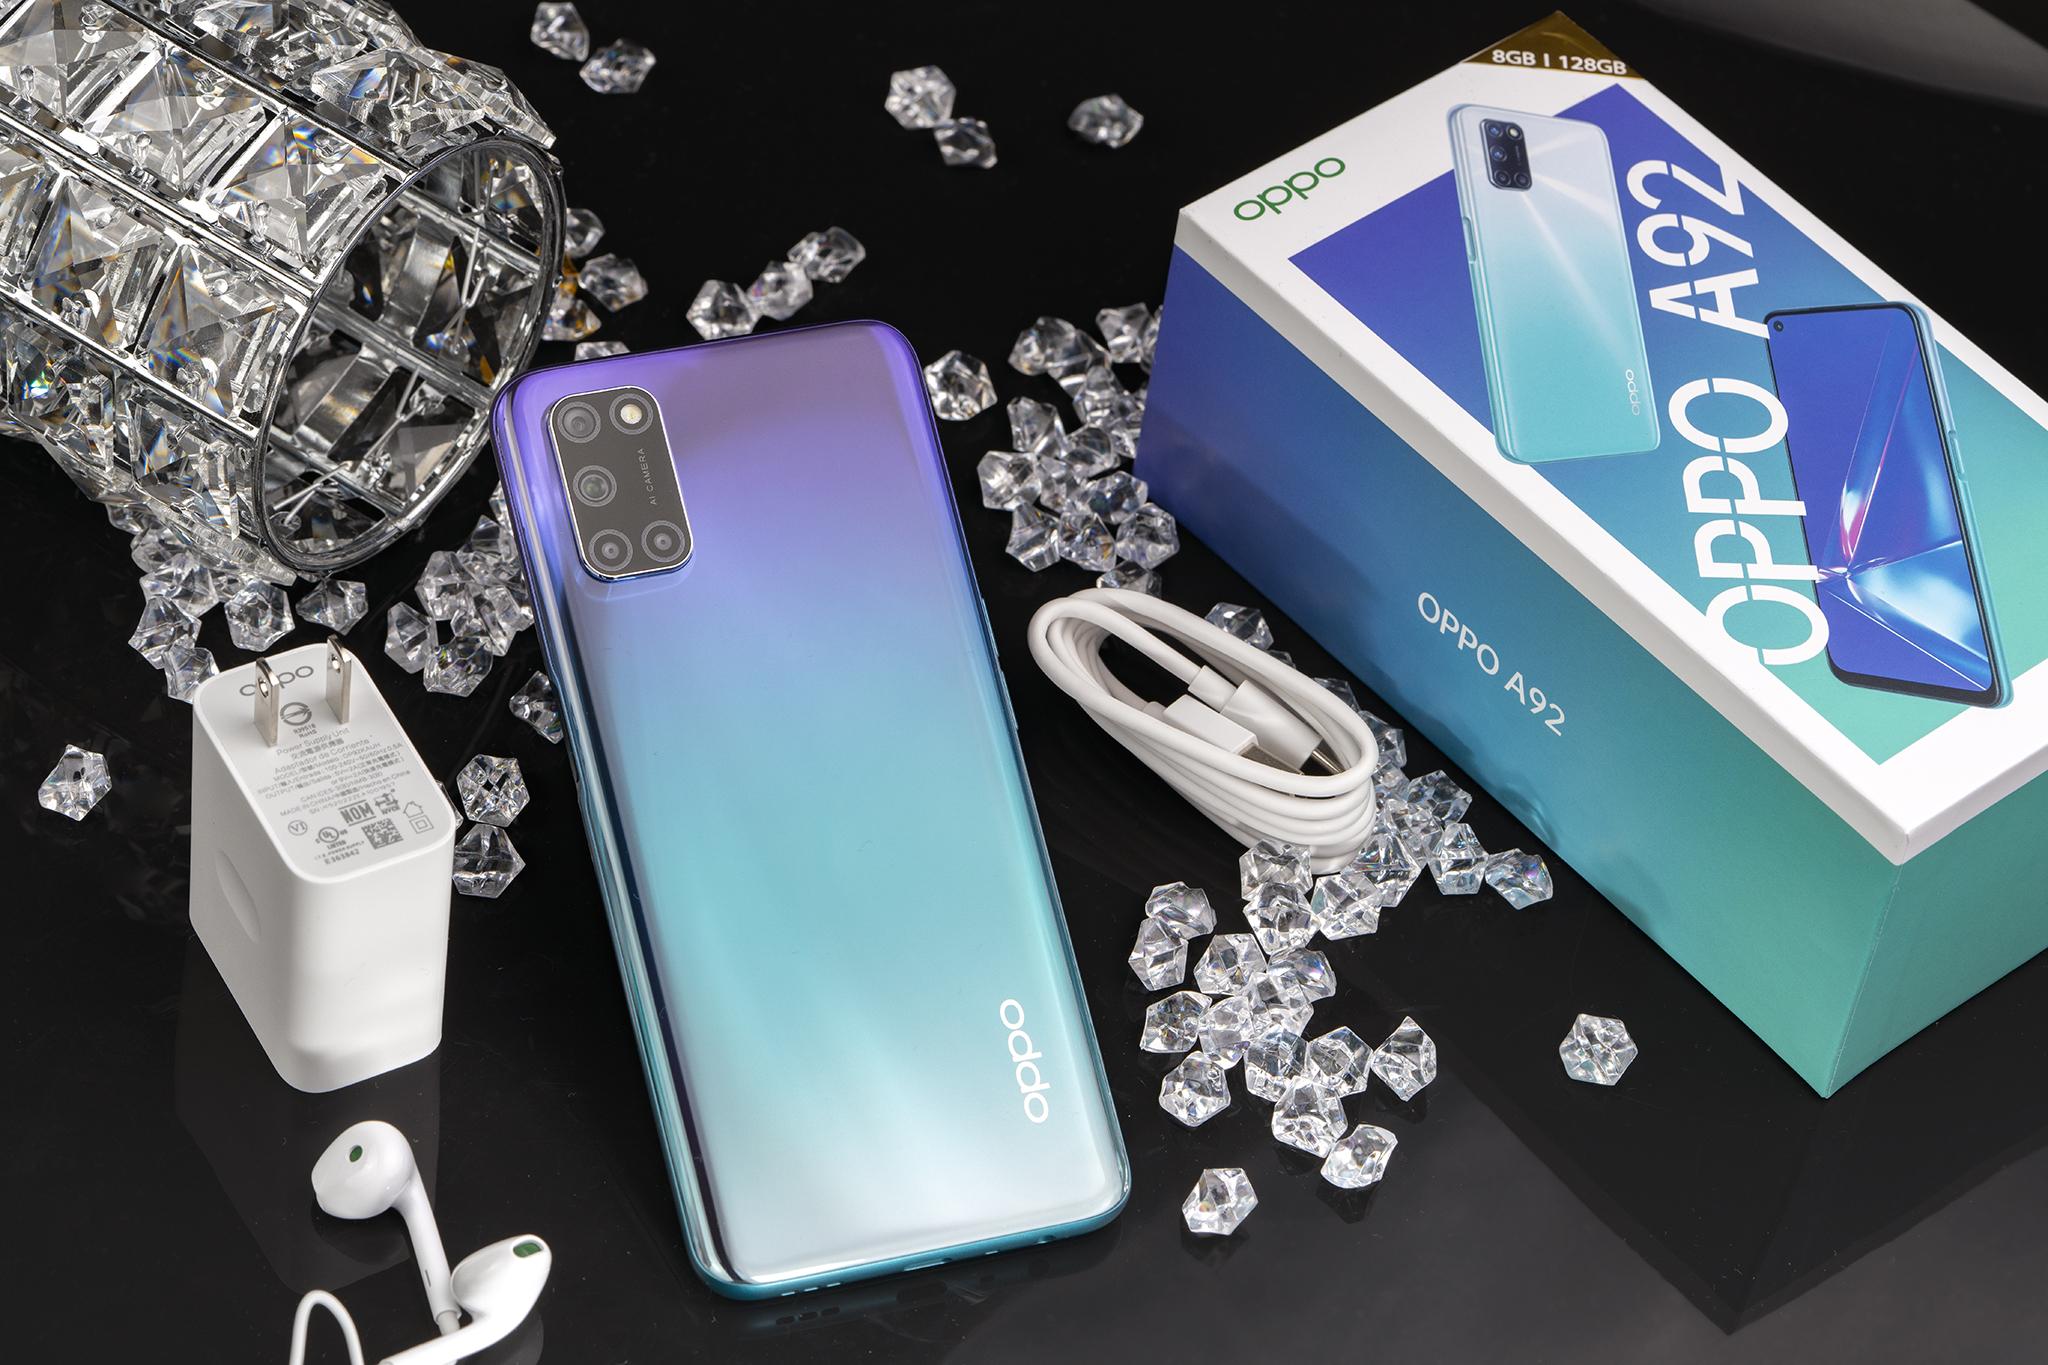 OPPO A92 thêm màu Tím Cá Tính, ghi điểm mạnh phân khúc điện thoại chụp ảnh đẹp dưới 7 triệu đồng - Ảnh 3.